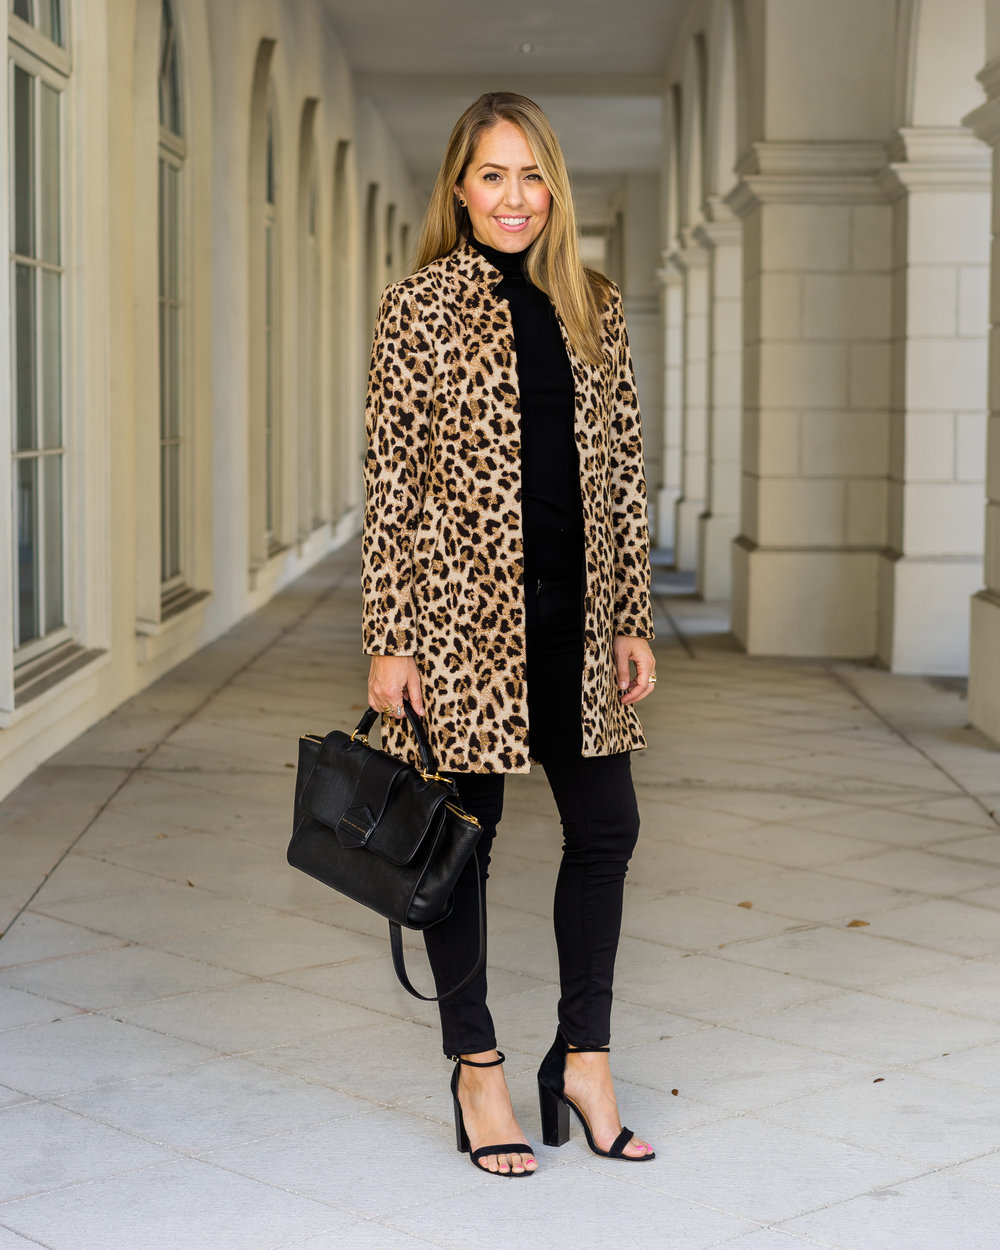 Leopard coat, black turtleneck, black heels